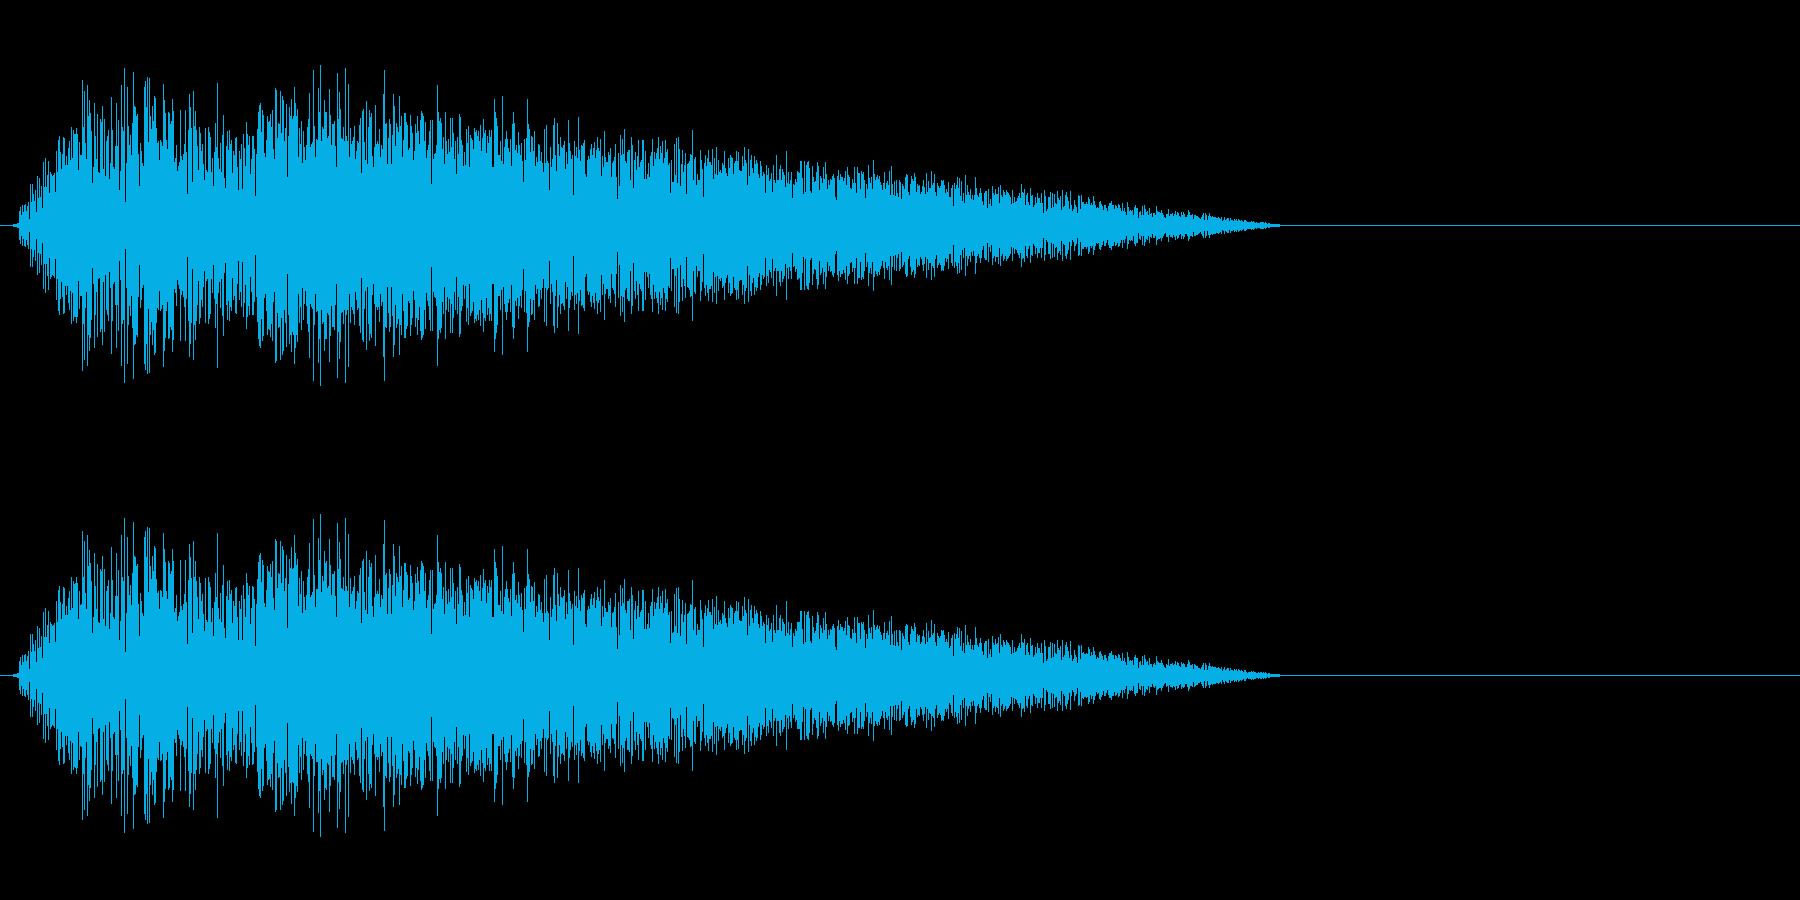 ざばーっ(水魔法、レトロゲーム)の再生済みの波形